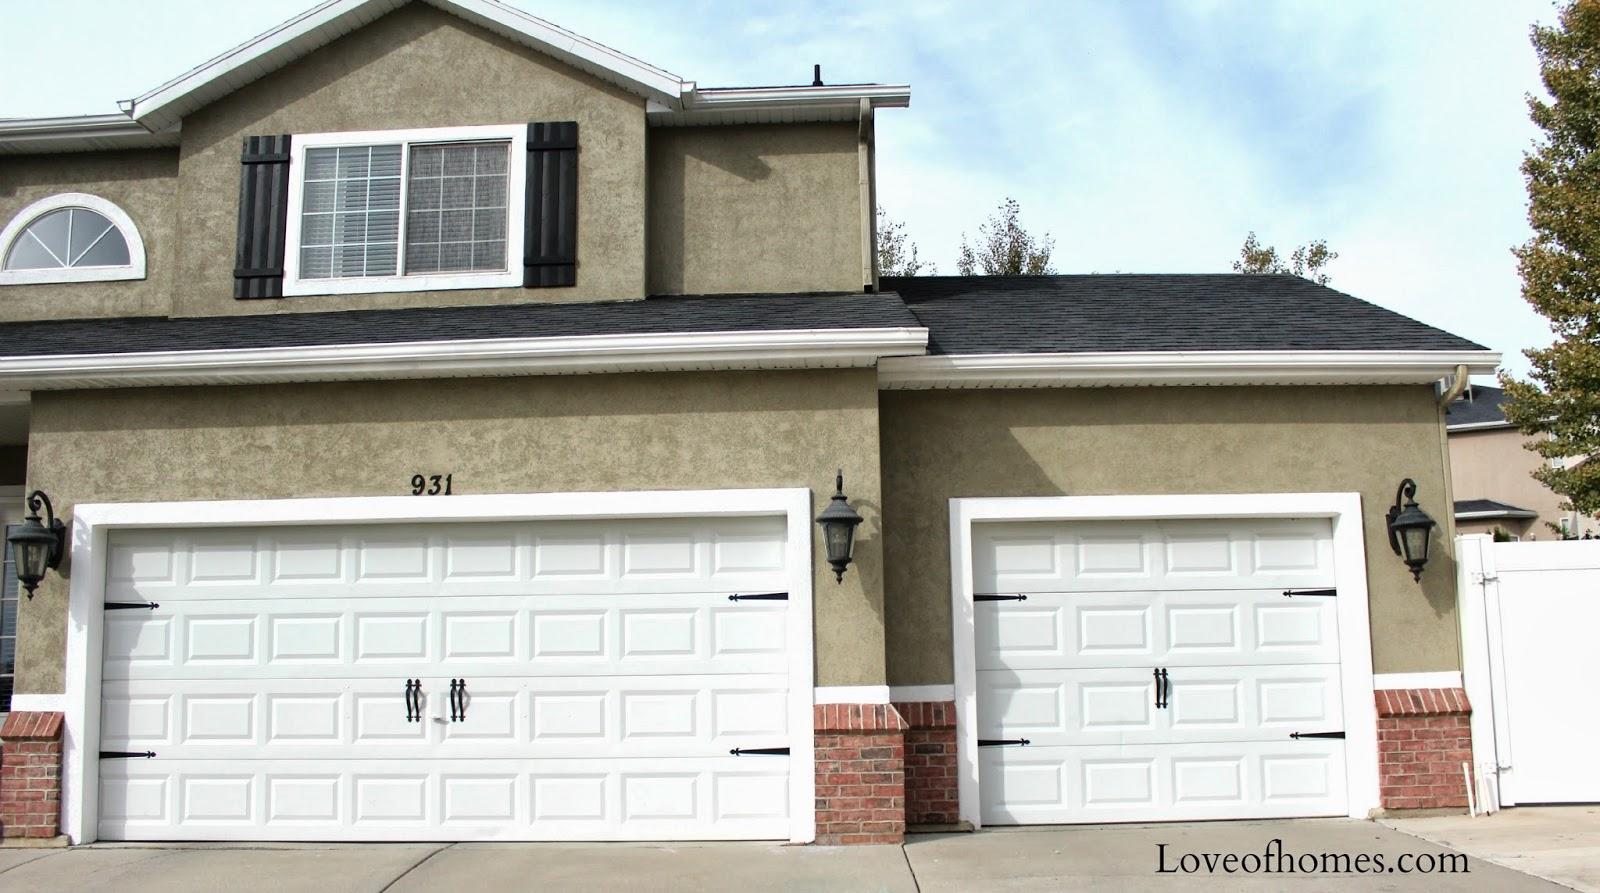 893 #4F777C LOVE OF HOMES: Garage Doors  wallpaper Home Garage Doors 37851600